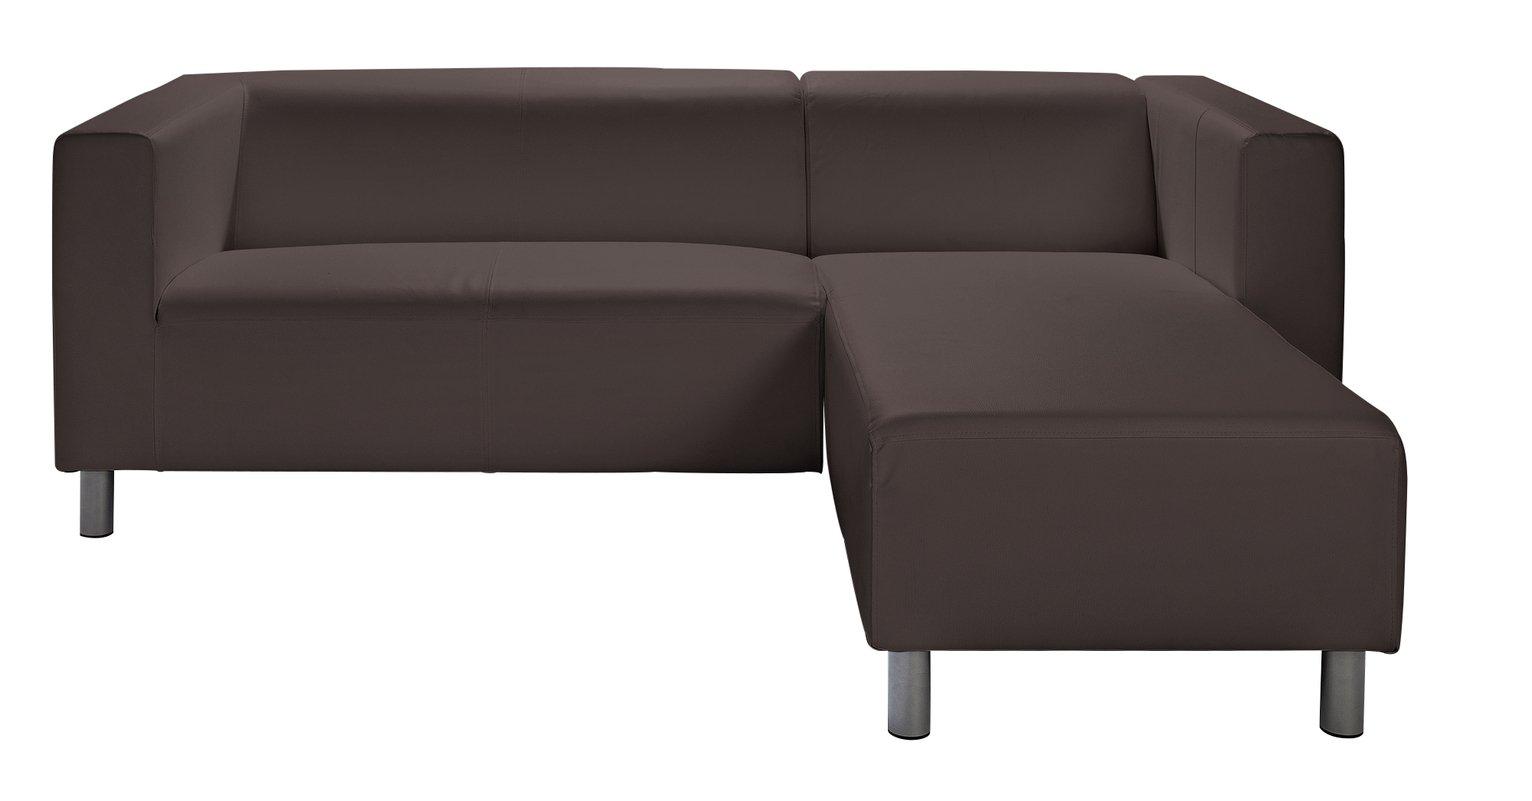 Argos Home Moda Right Corner Faux Leather Sofa - Brown